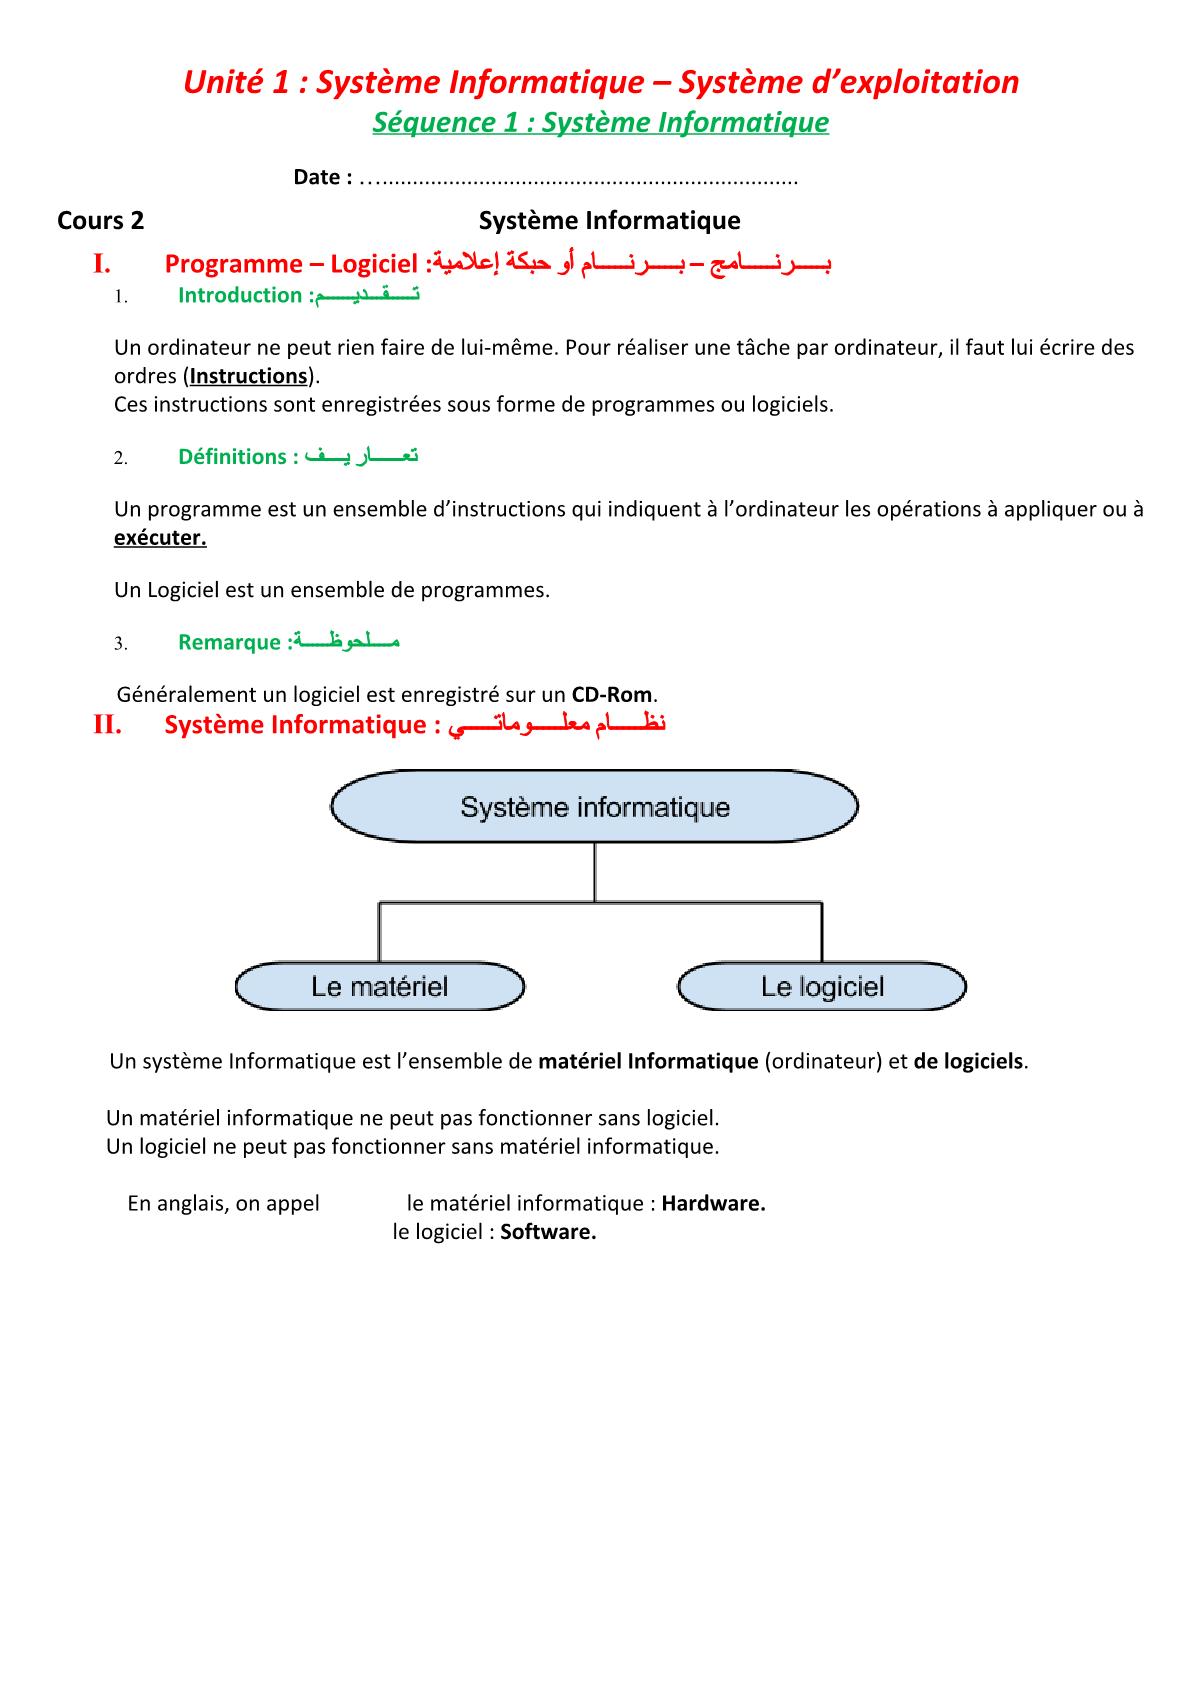 درس Système informatique للسنة الأولى اعدادي